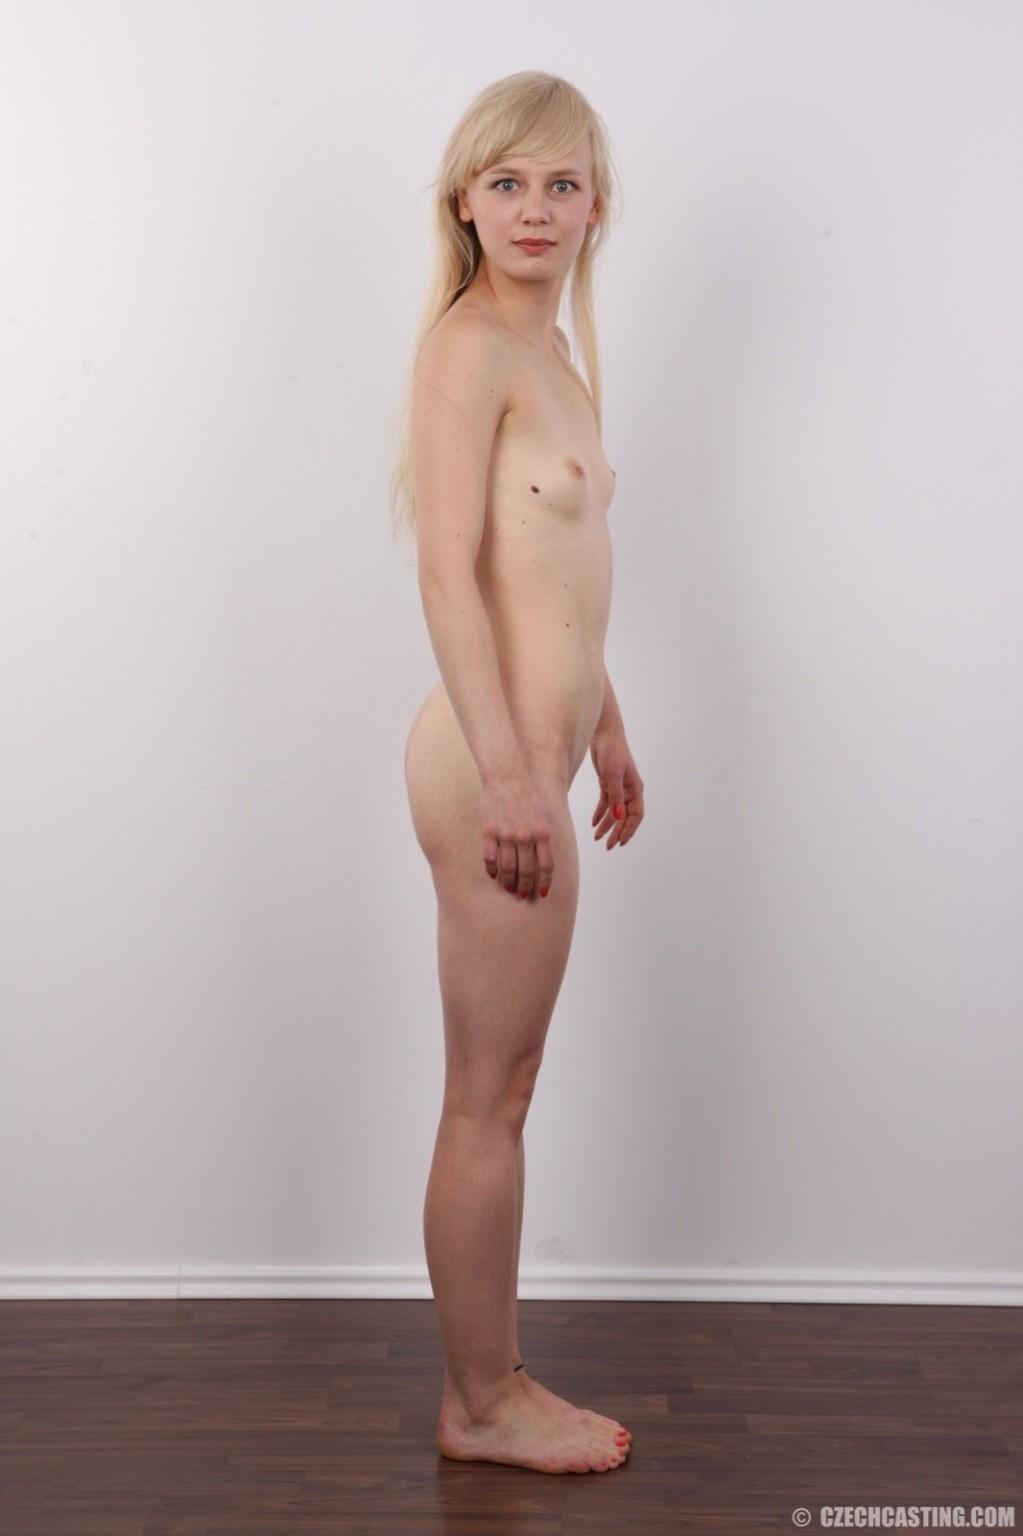 Кастинг - Галерея № 3522716